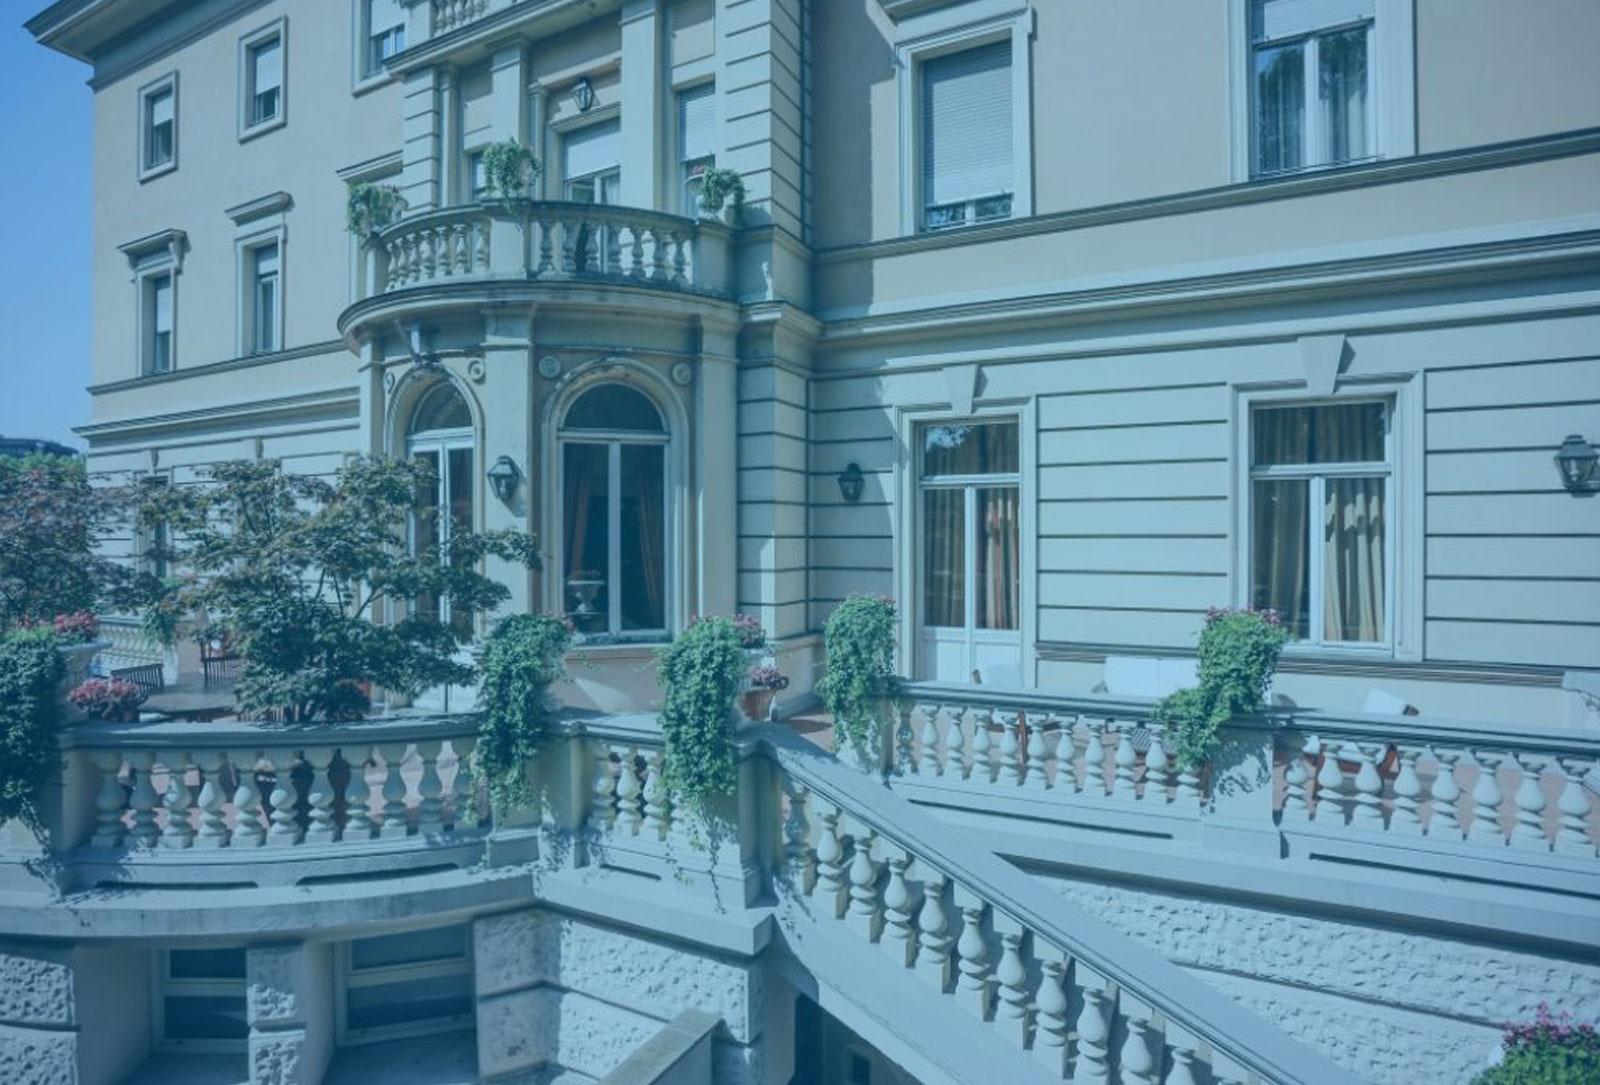 Nevralgia del trigemino: la Clinica Fornaca di Sessant a Torino